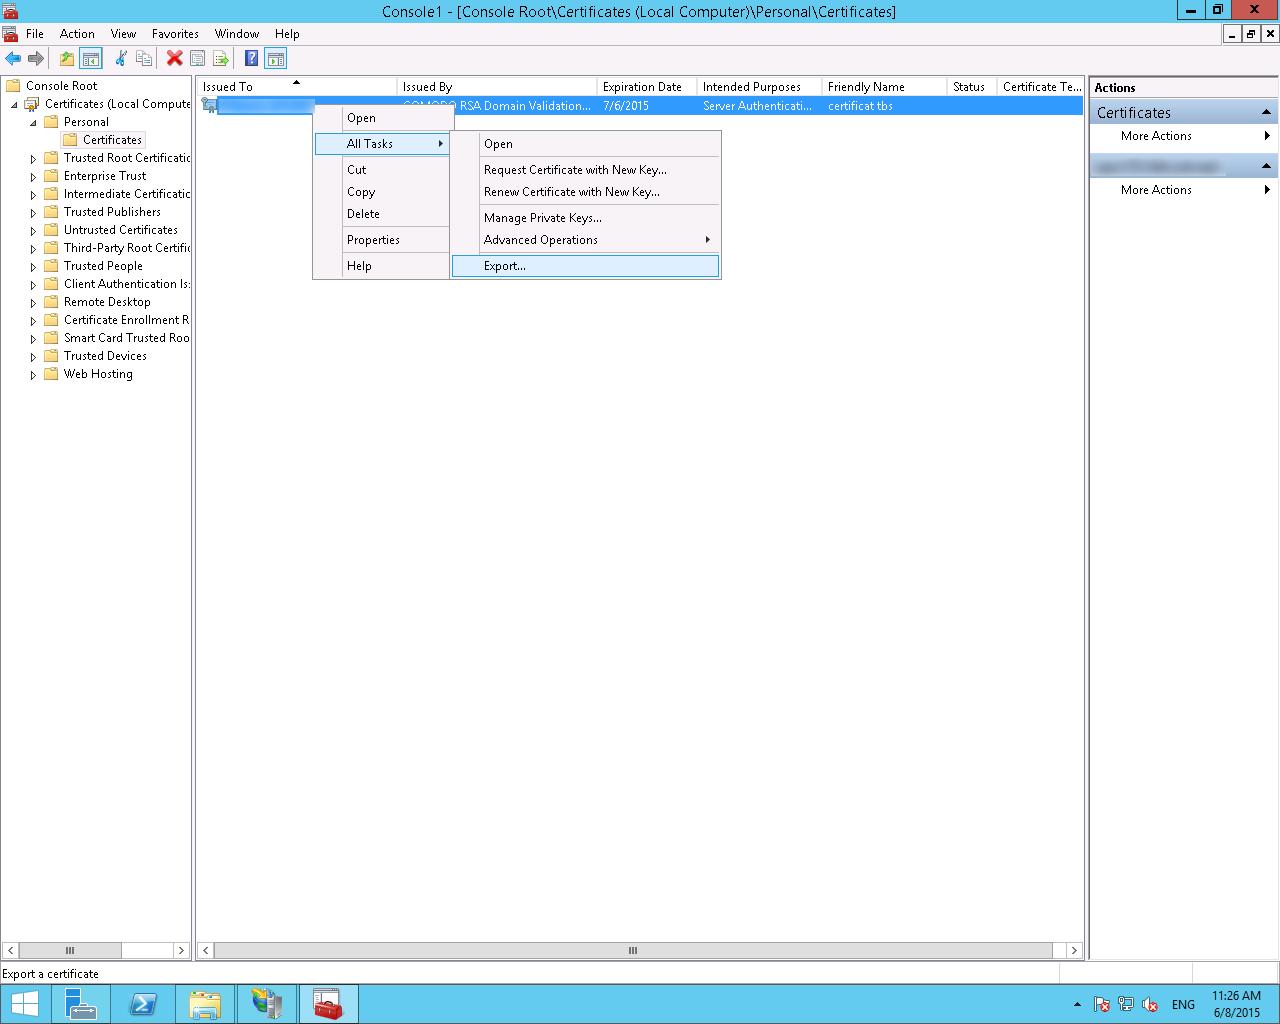 Clic droit - All Tasks - Export